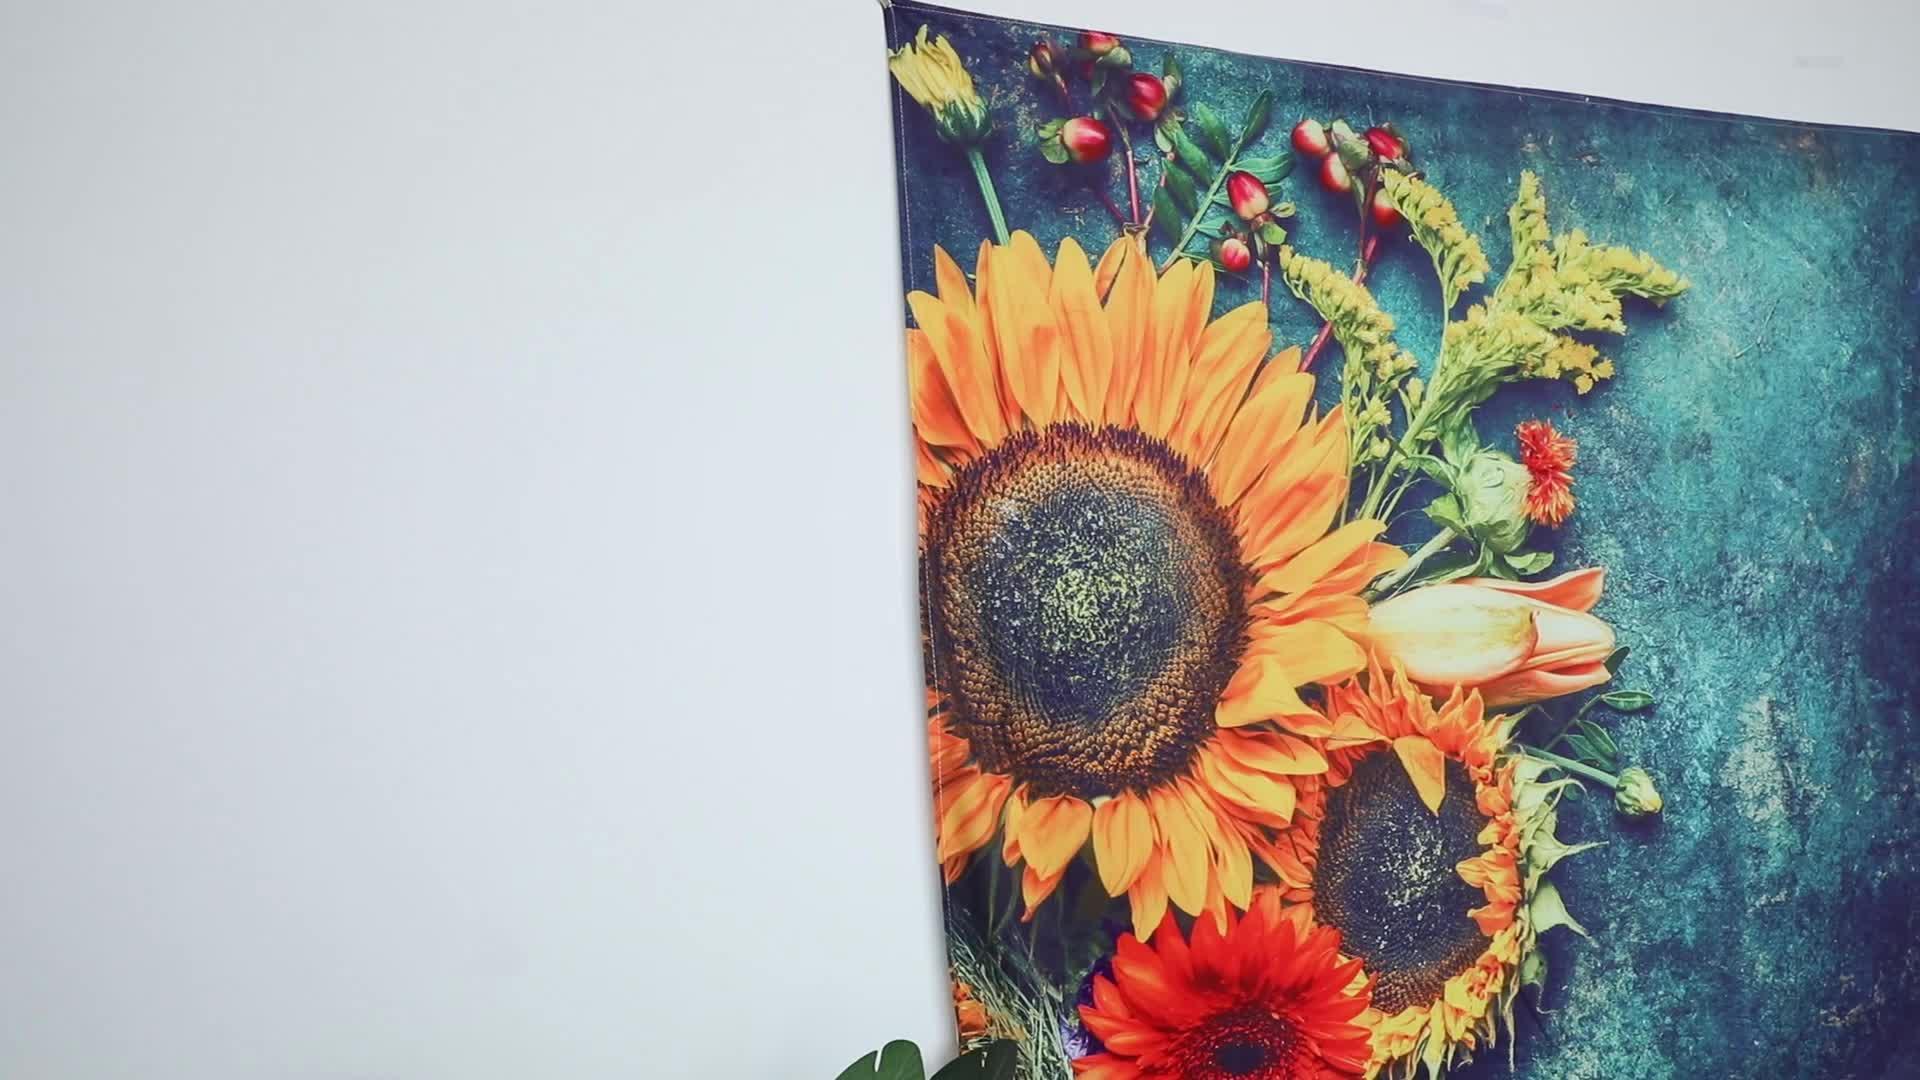 Groothandel custom art bohemian zonnebloem tapijt muur decor opknoping wandtapijten